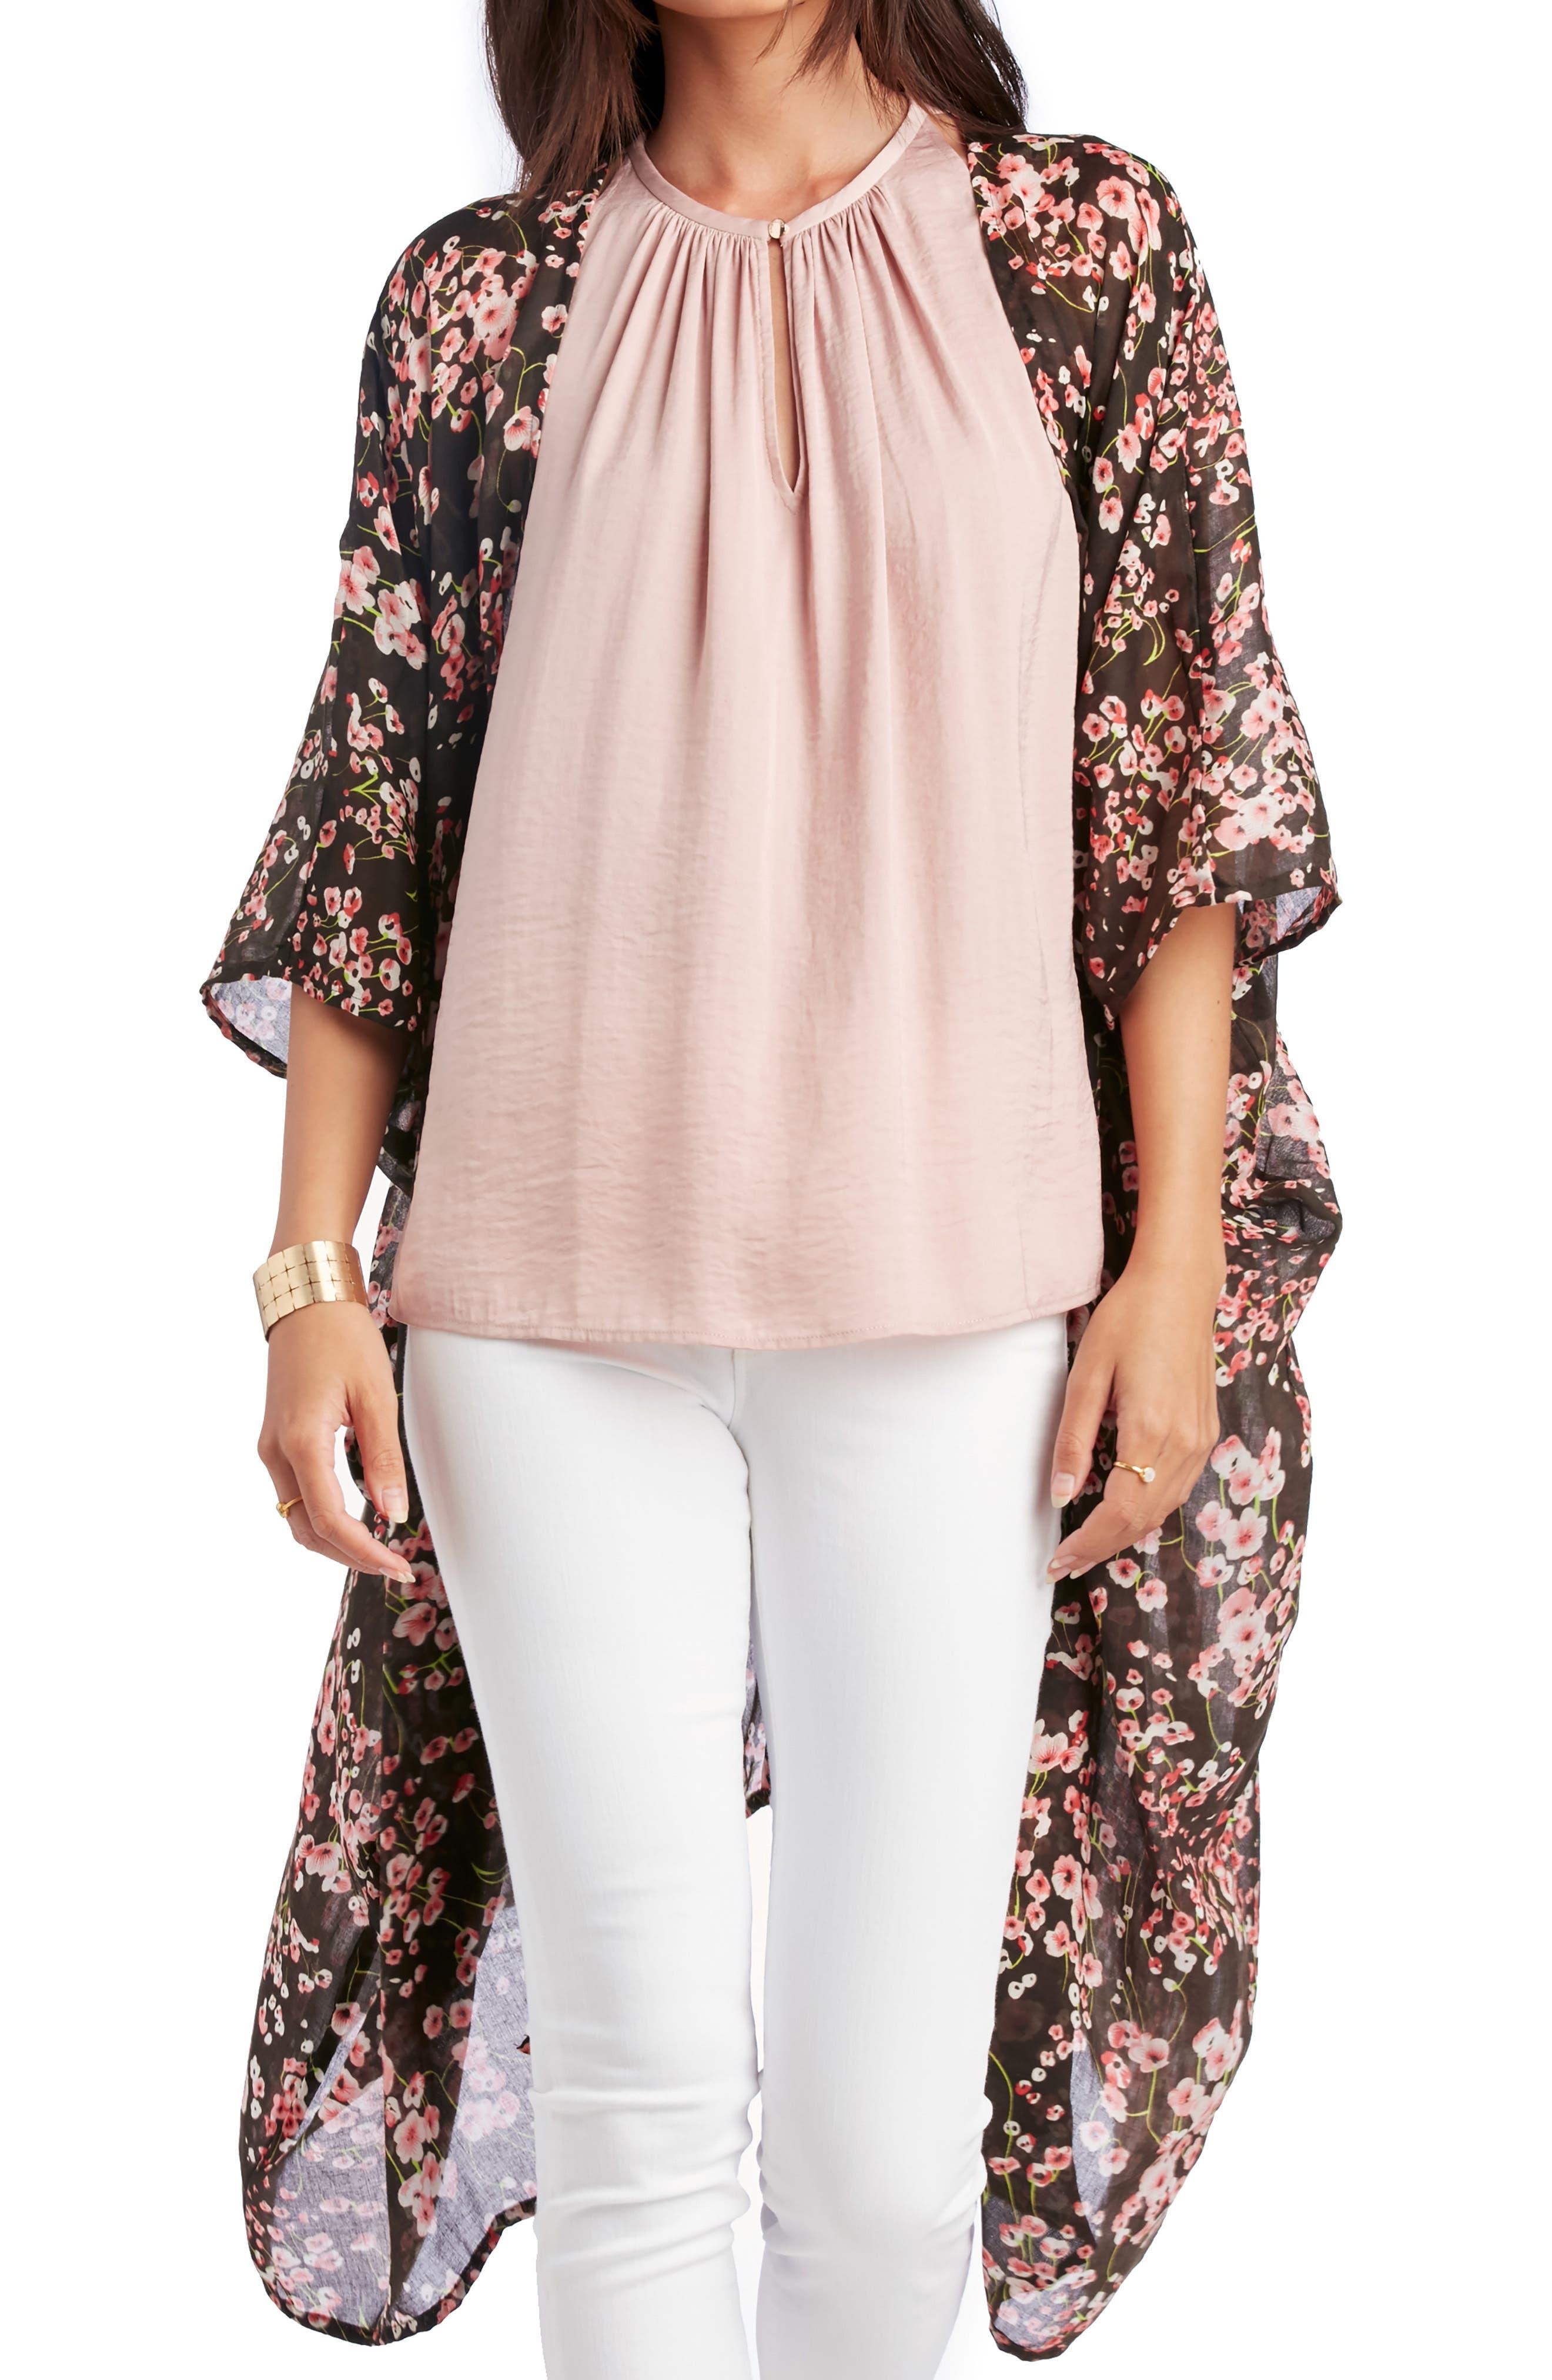 SOLE SOCIETY, Cherry Blossom Kimono, Main thumbnail 1, color, 002